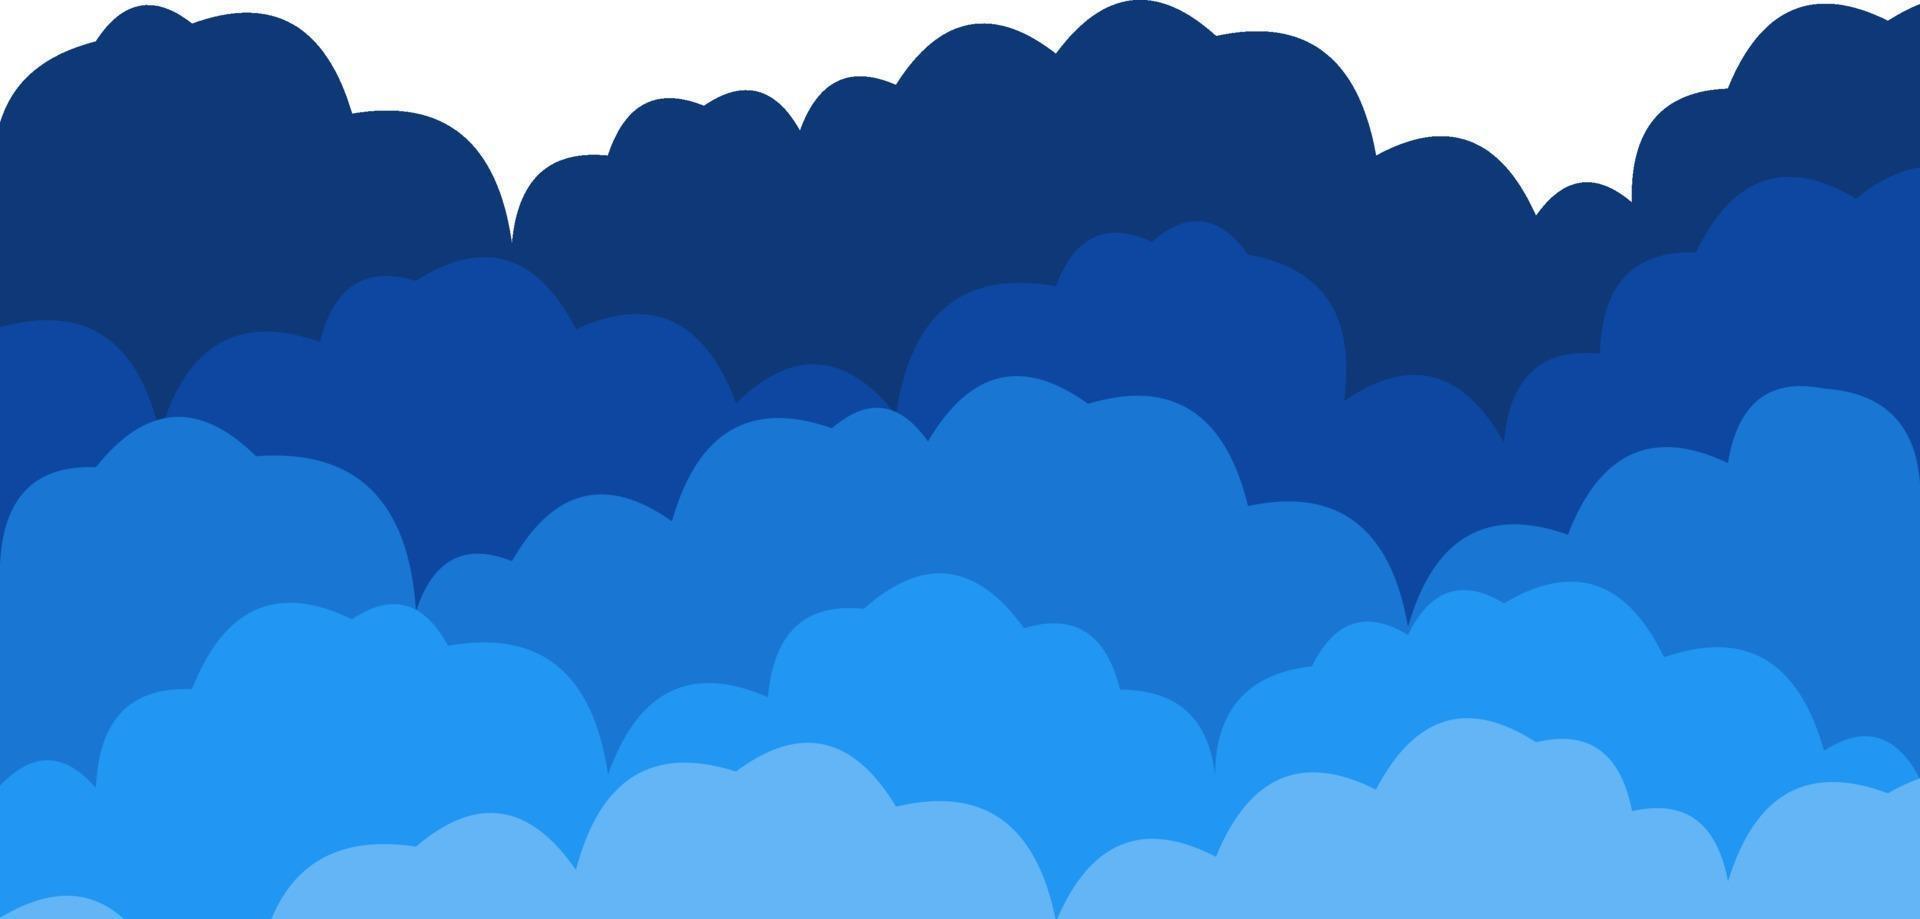 Hintergrund von fünf Reihen bunter Wolken vektor